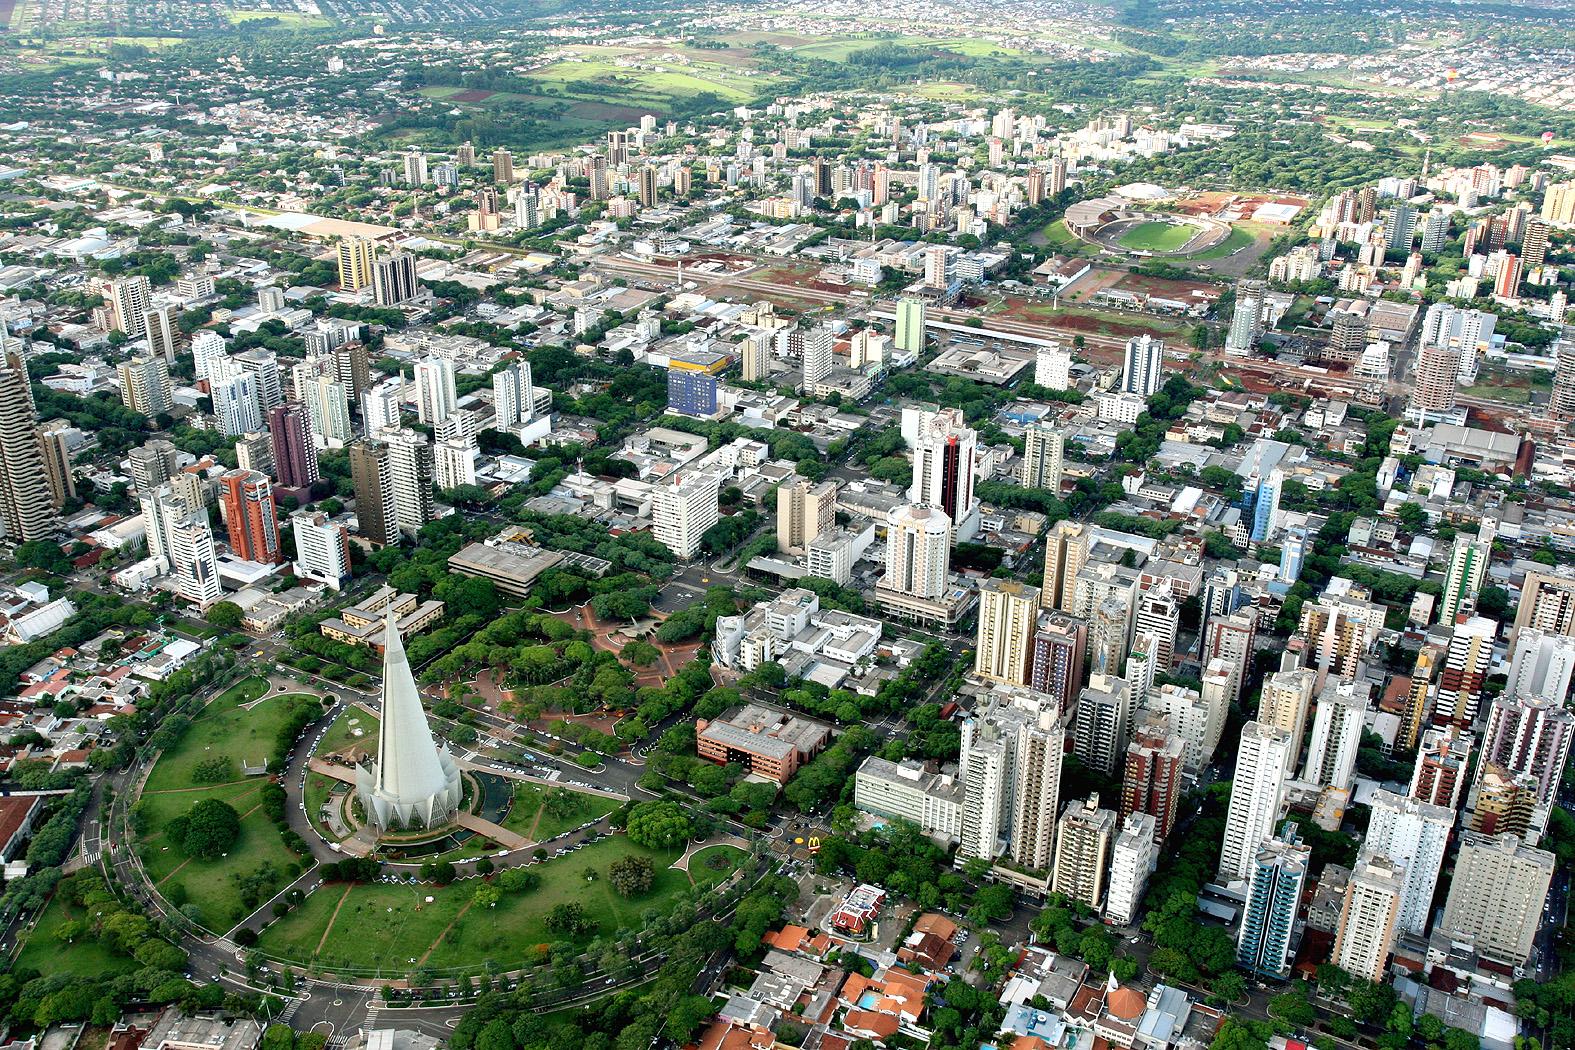 Artesanato Brasil Maringa ~ Maringá Brasil Page 2 SkyscraperCity